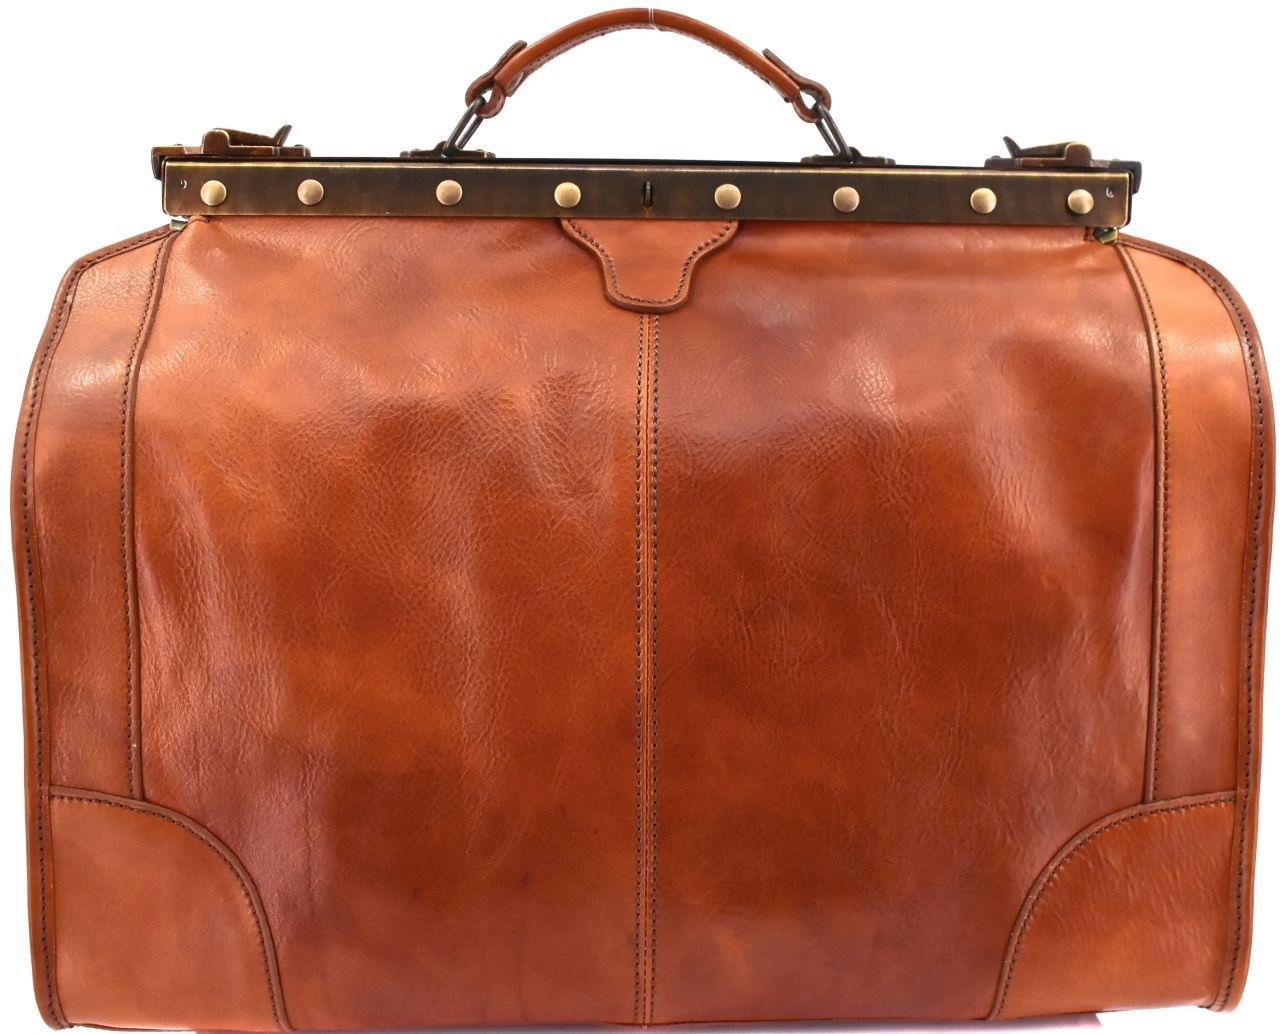 Kožená doktorská taška Arteddy - koňak